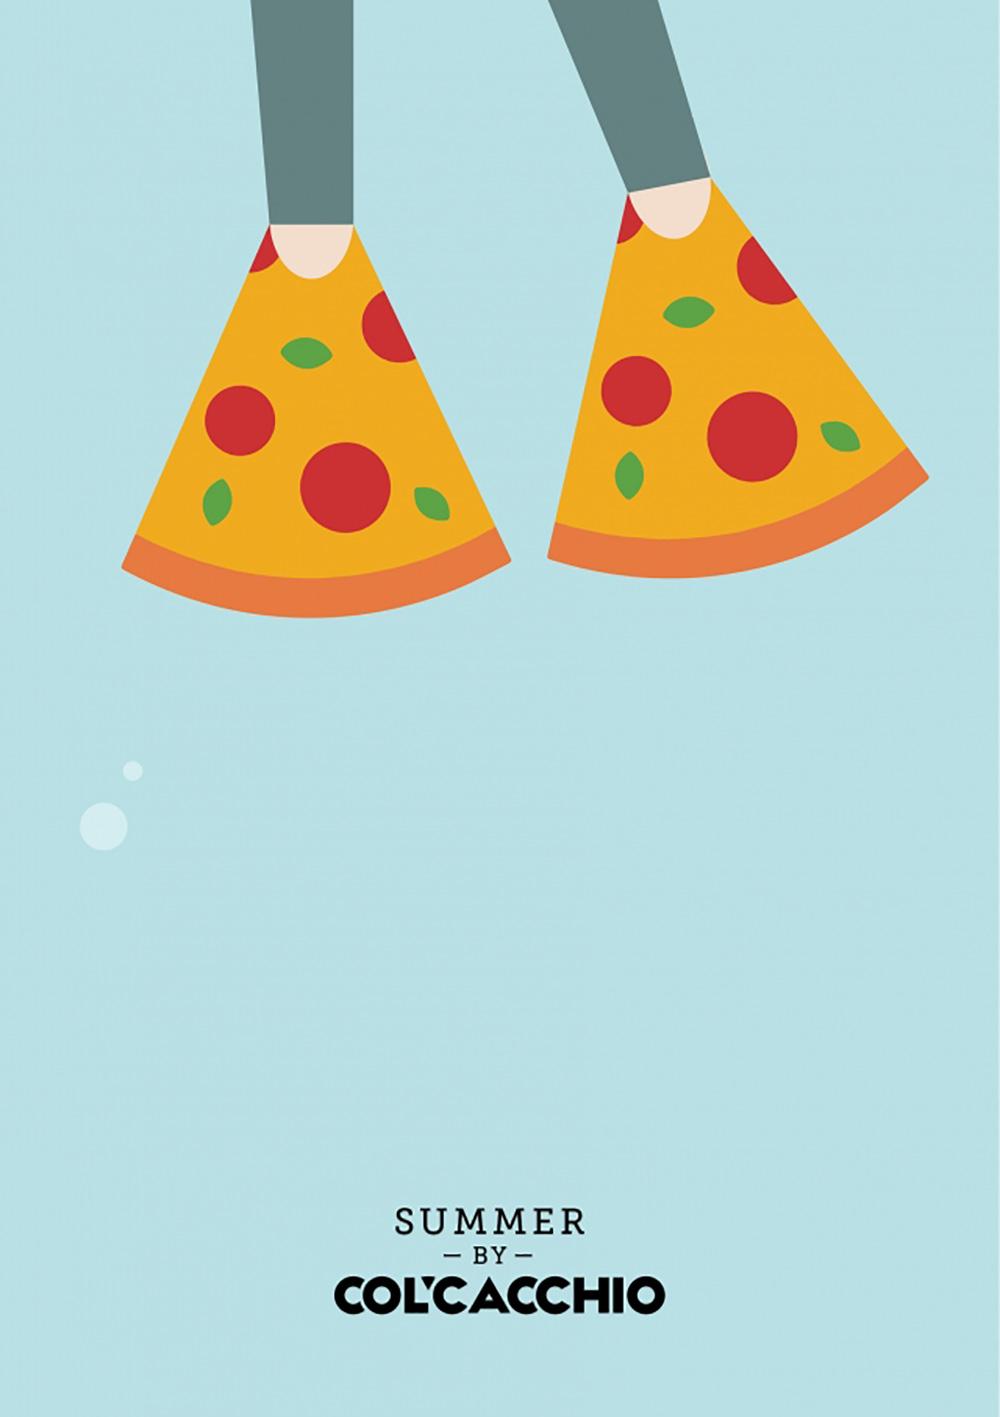 有意思的创意!披萨品牌Pizza Hut商业海报设计